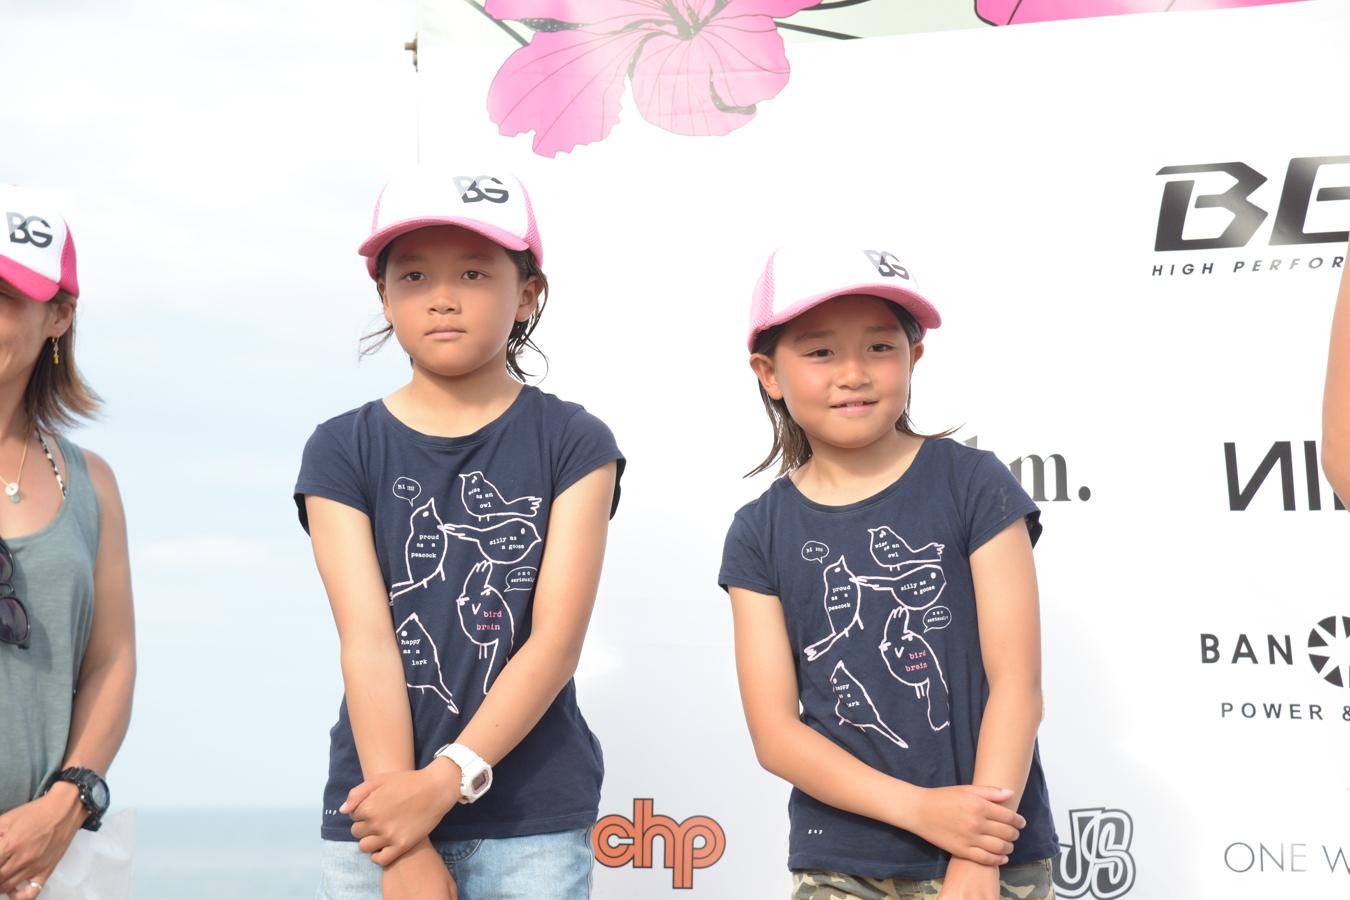 今回は姉妹でファイナルに残った池田美来ちゃん真央ちゃん。